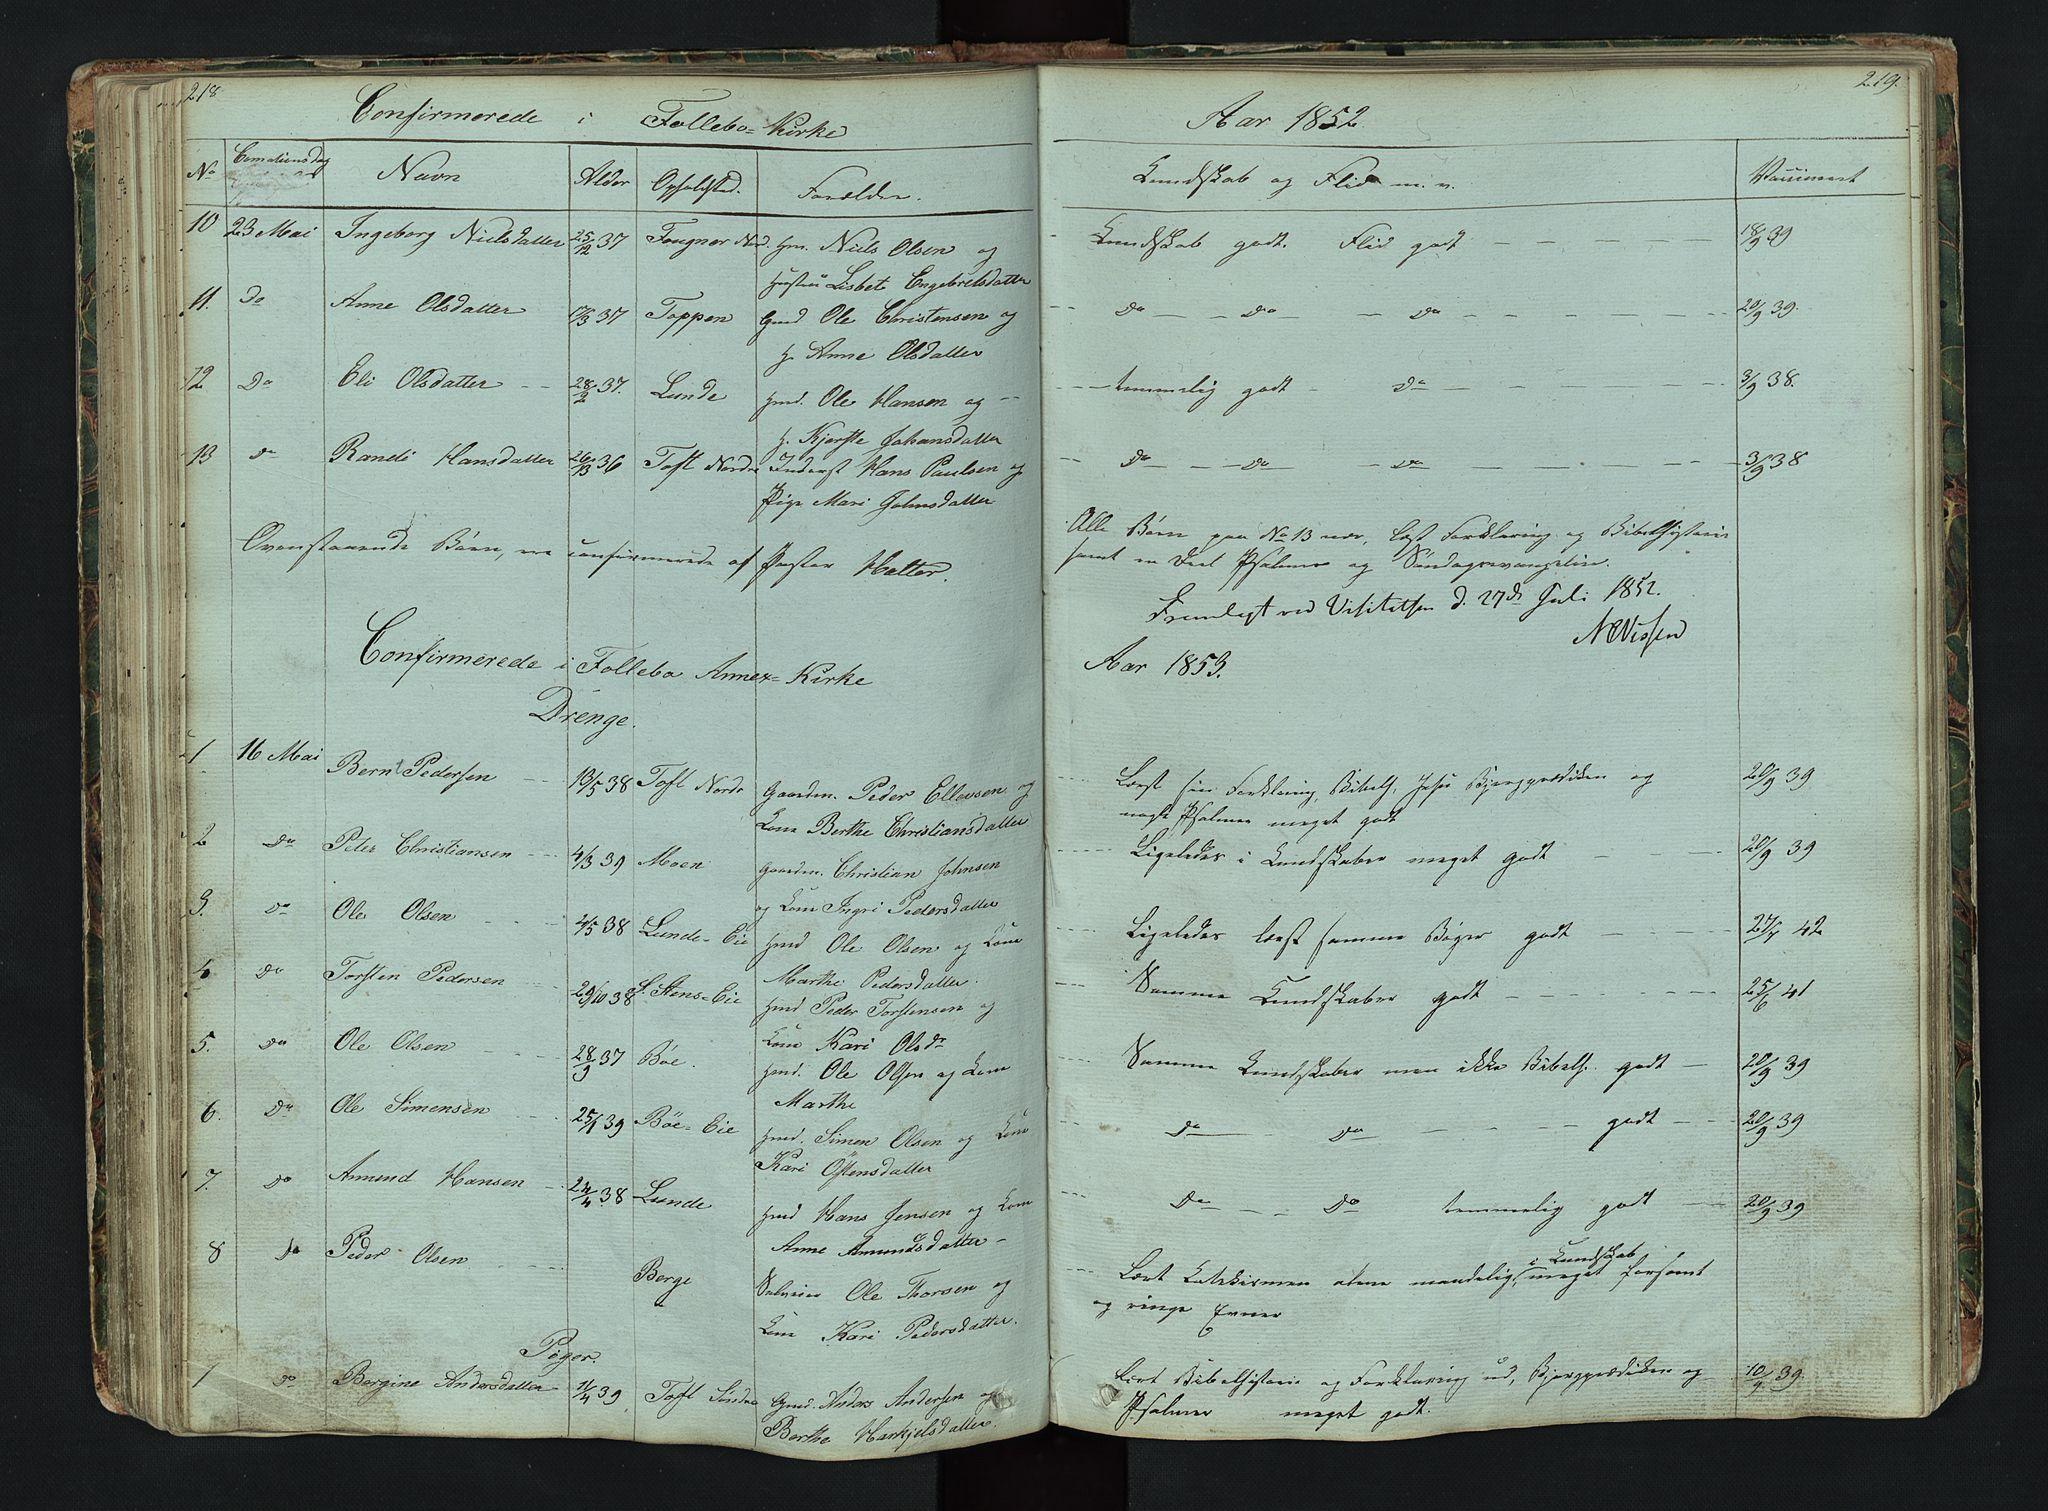 SAH, Gausdal prestekontor, Klokkerbok nr. 6, 1846-1893, s. 218-219